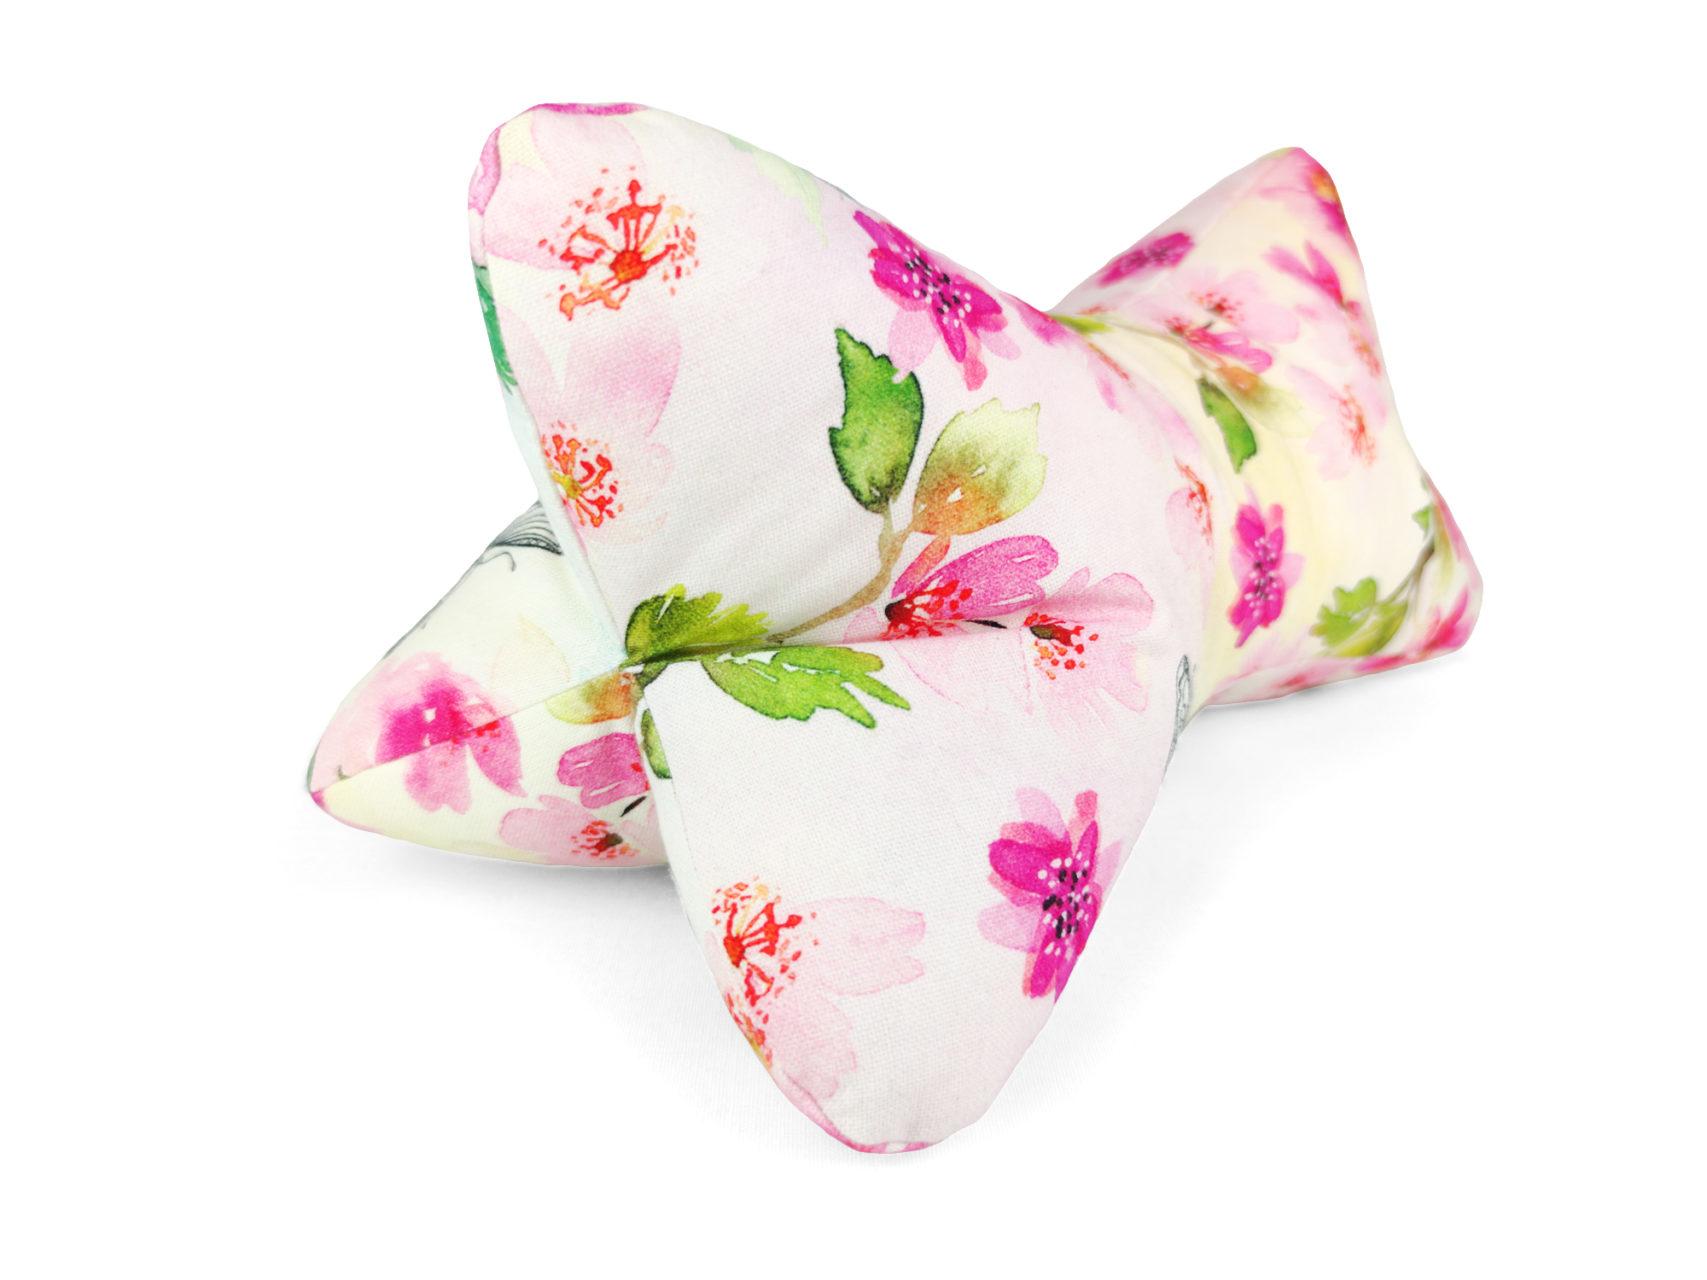 Leseknochen pink flowers rosa Blumen Schmetterlinge